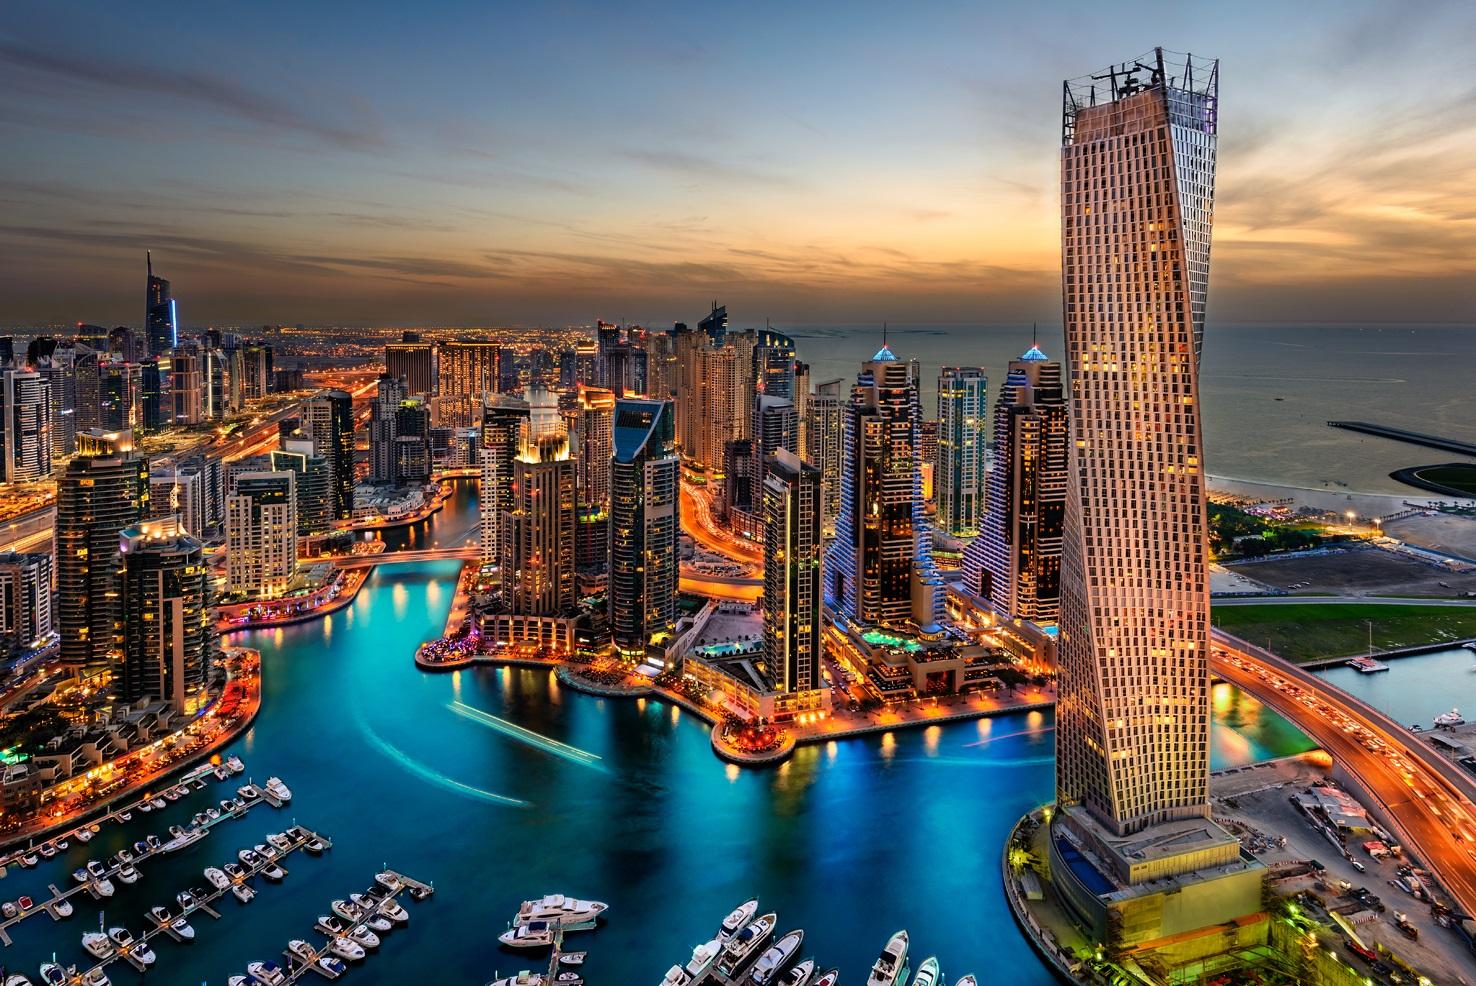 دبي تفاجئ العالم بغابة مطيرة وشاطئ بلا رمال (صور) 21-01-16-539801673.j